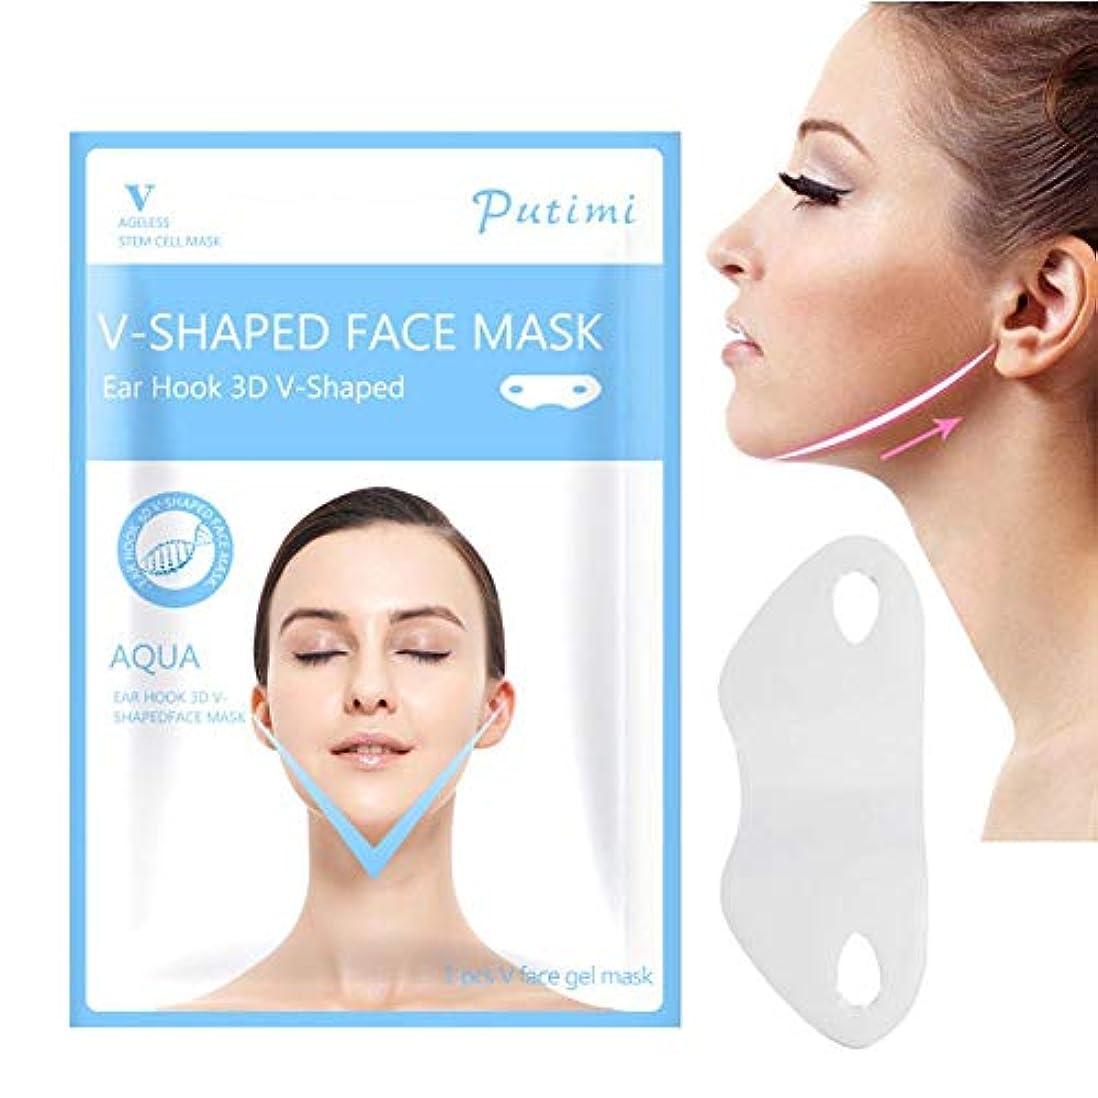 はずスタジオ有効化SILUN 最新型 Vフェイシャルマスク フェイスマスク 小顔 マスク フェイスラインベルト 美顔 顔痩せ 保湿 血行を促進する 睡眠マスク